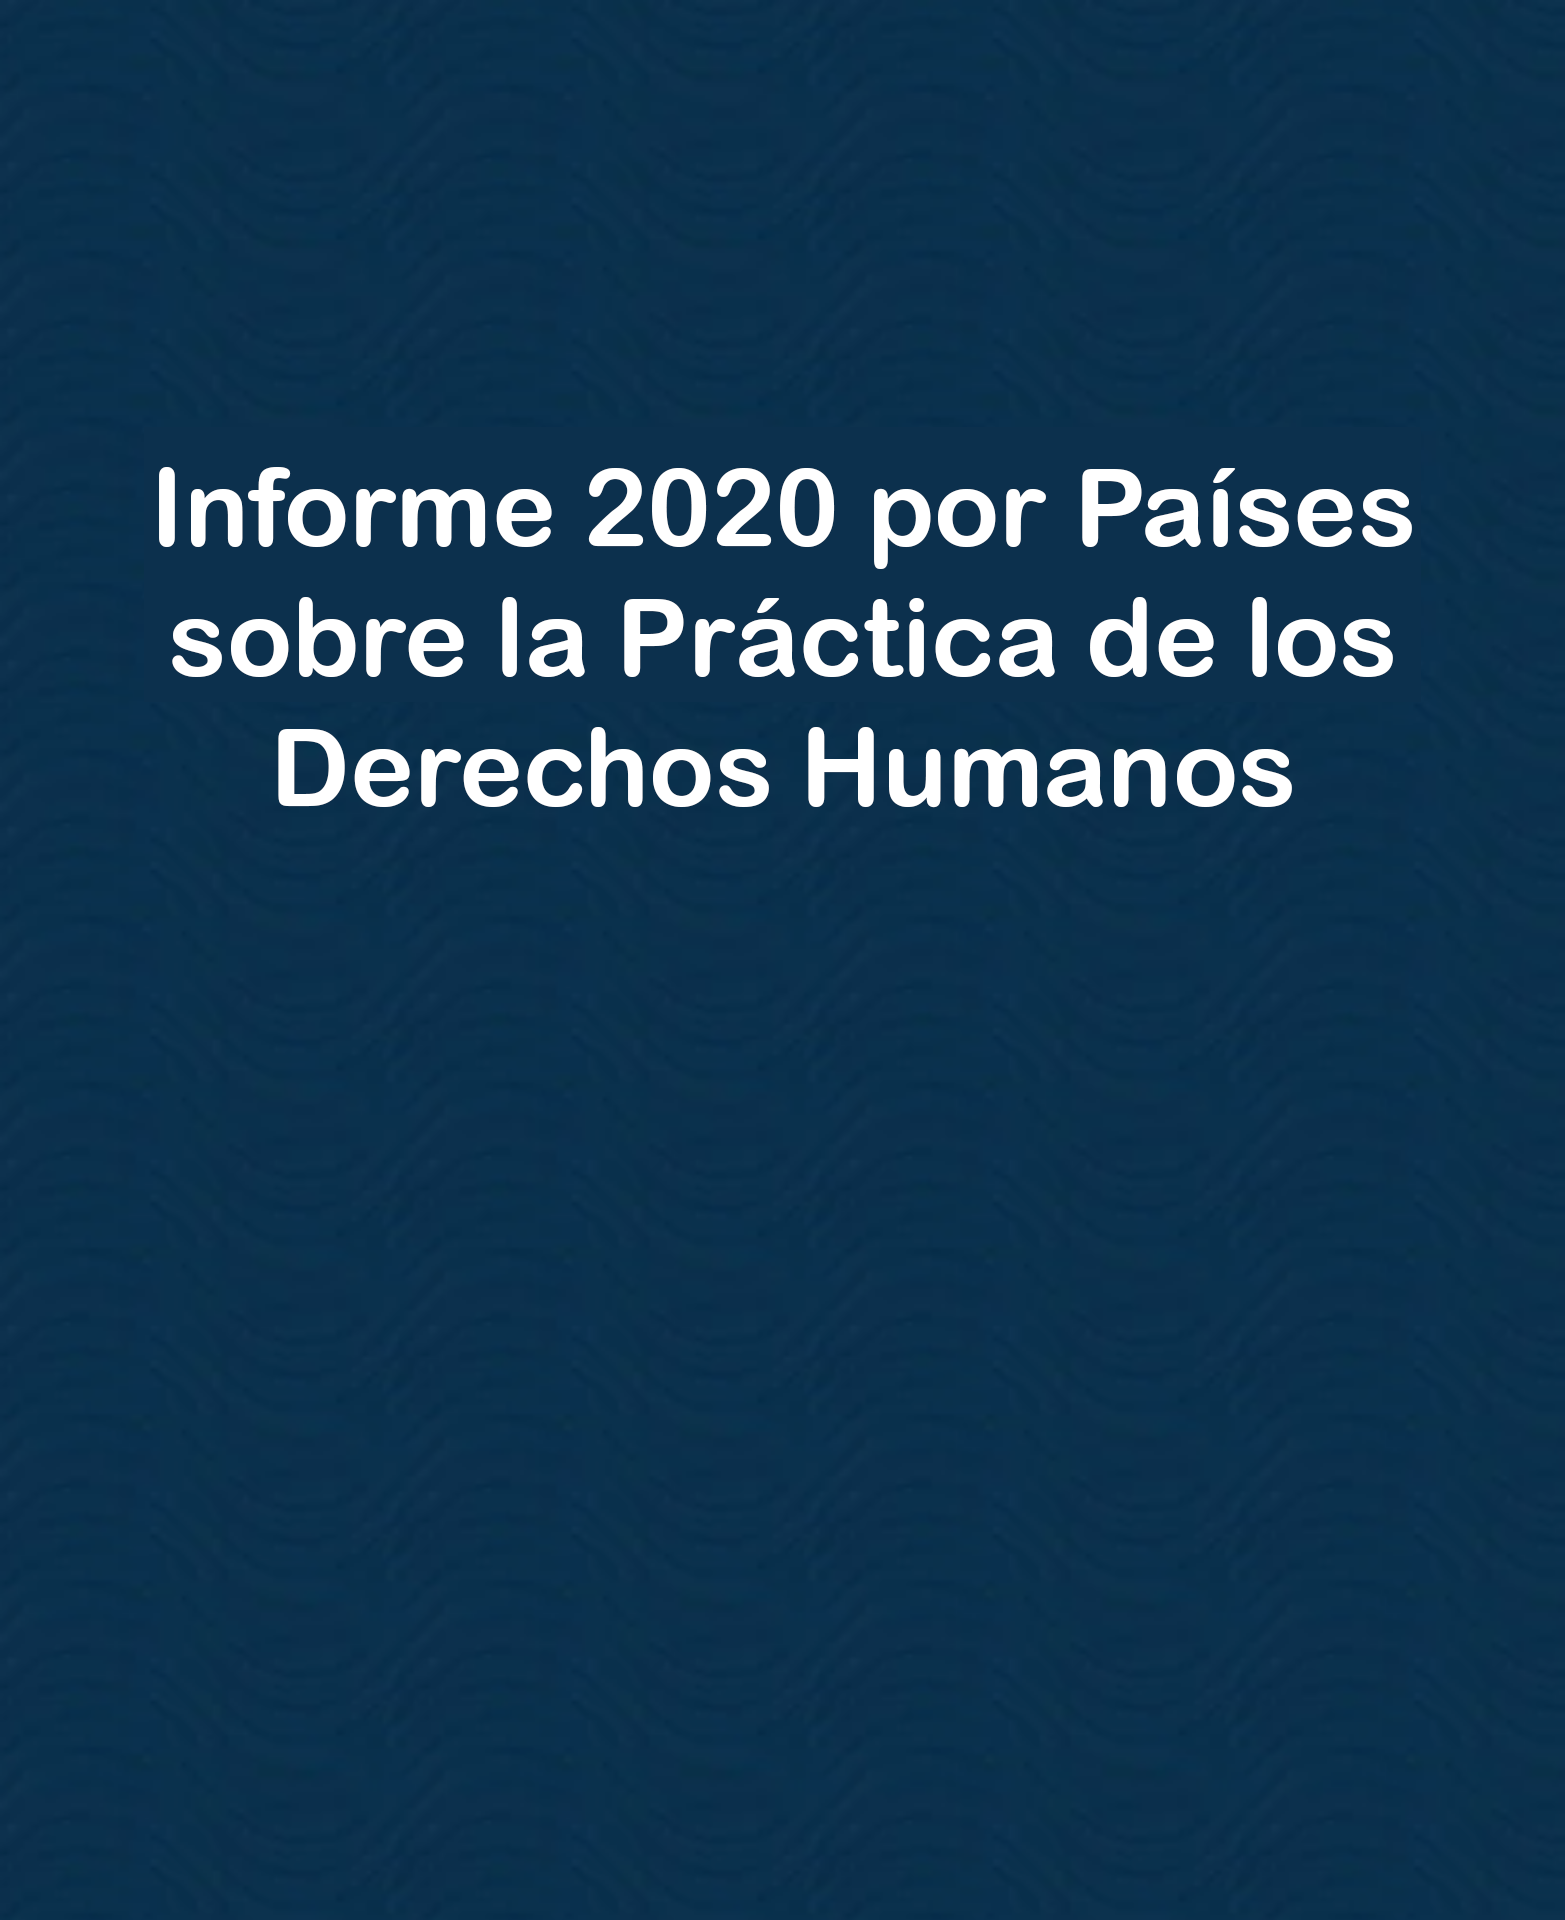 Informe-2020-sobre-la-practica-de-los-derechos-humanos